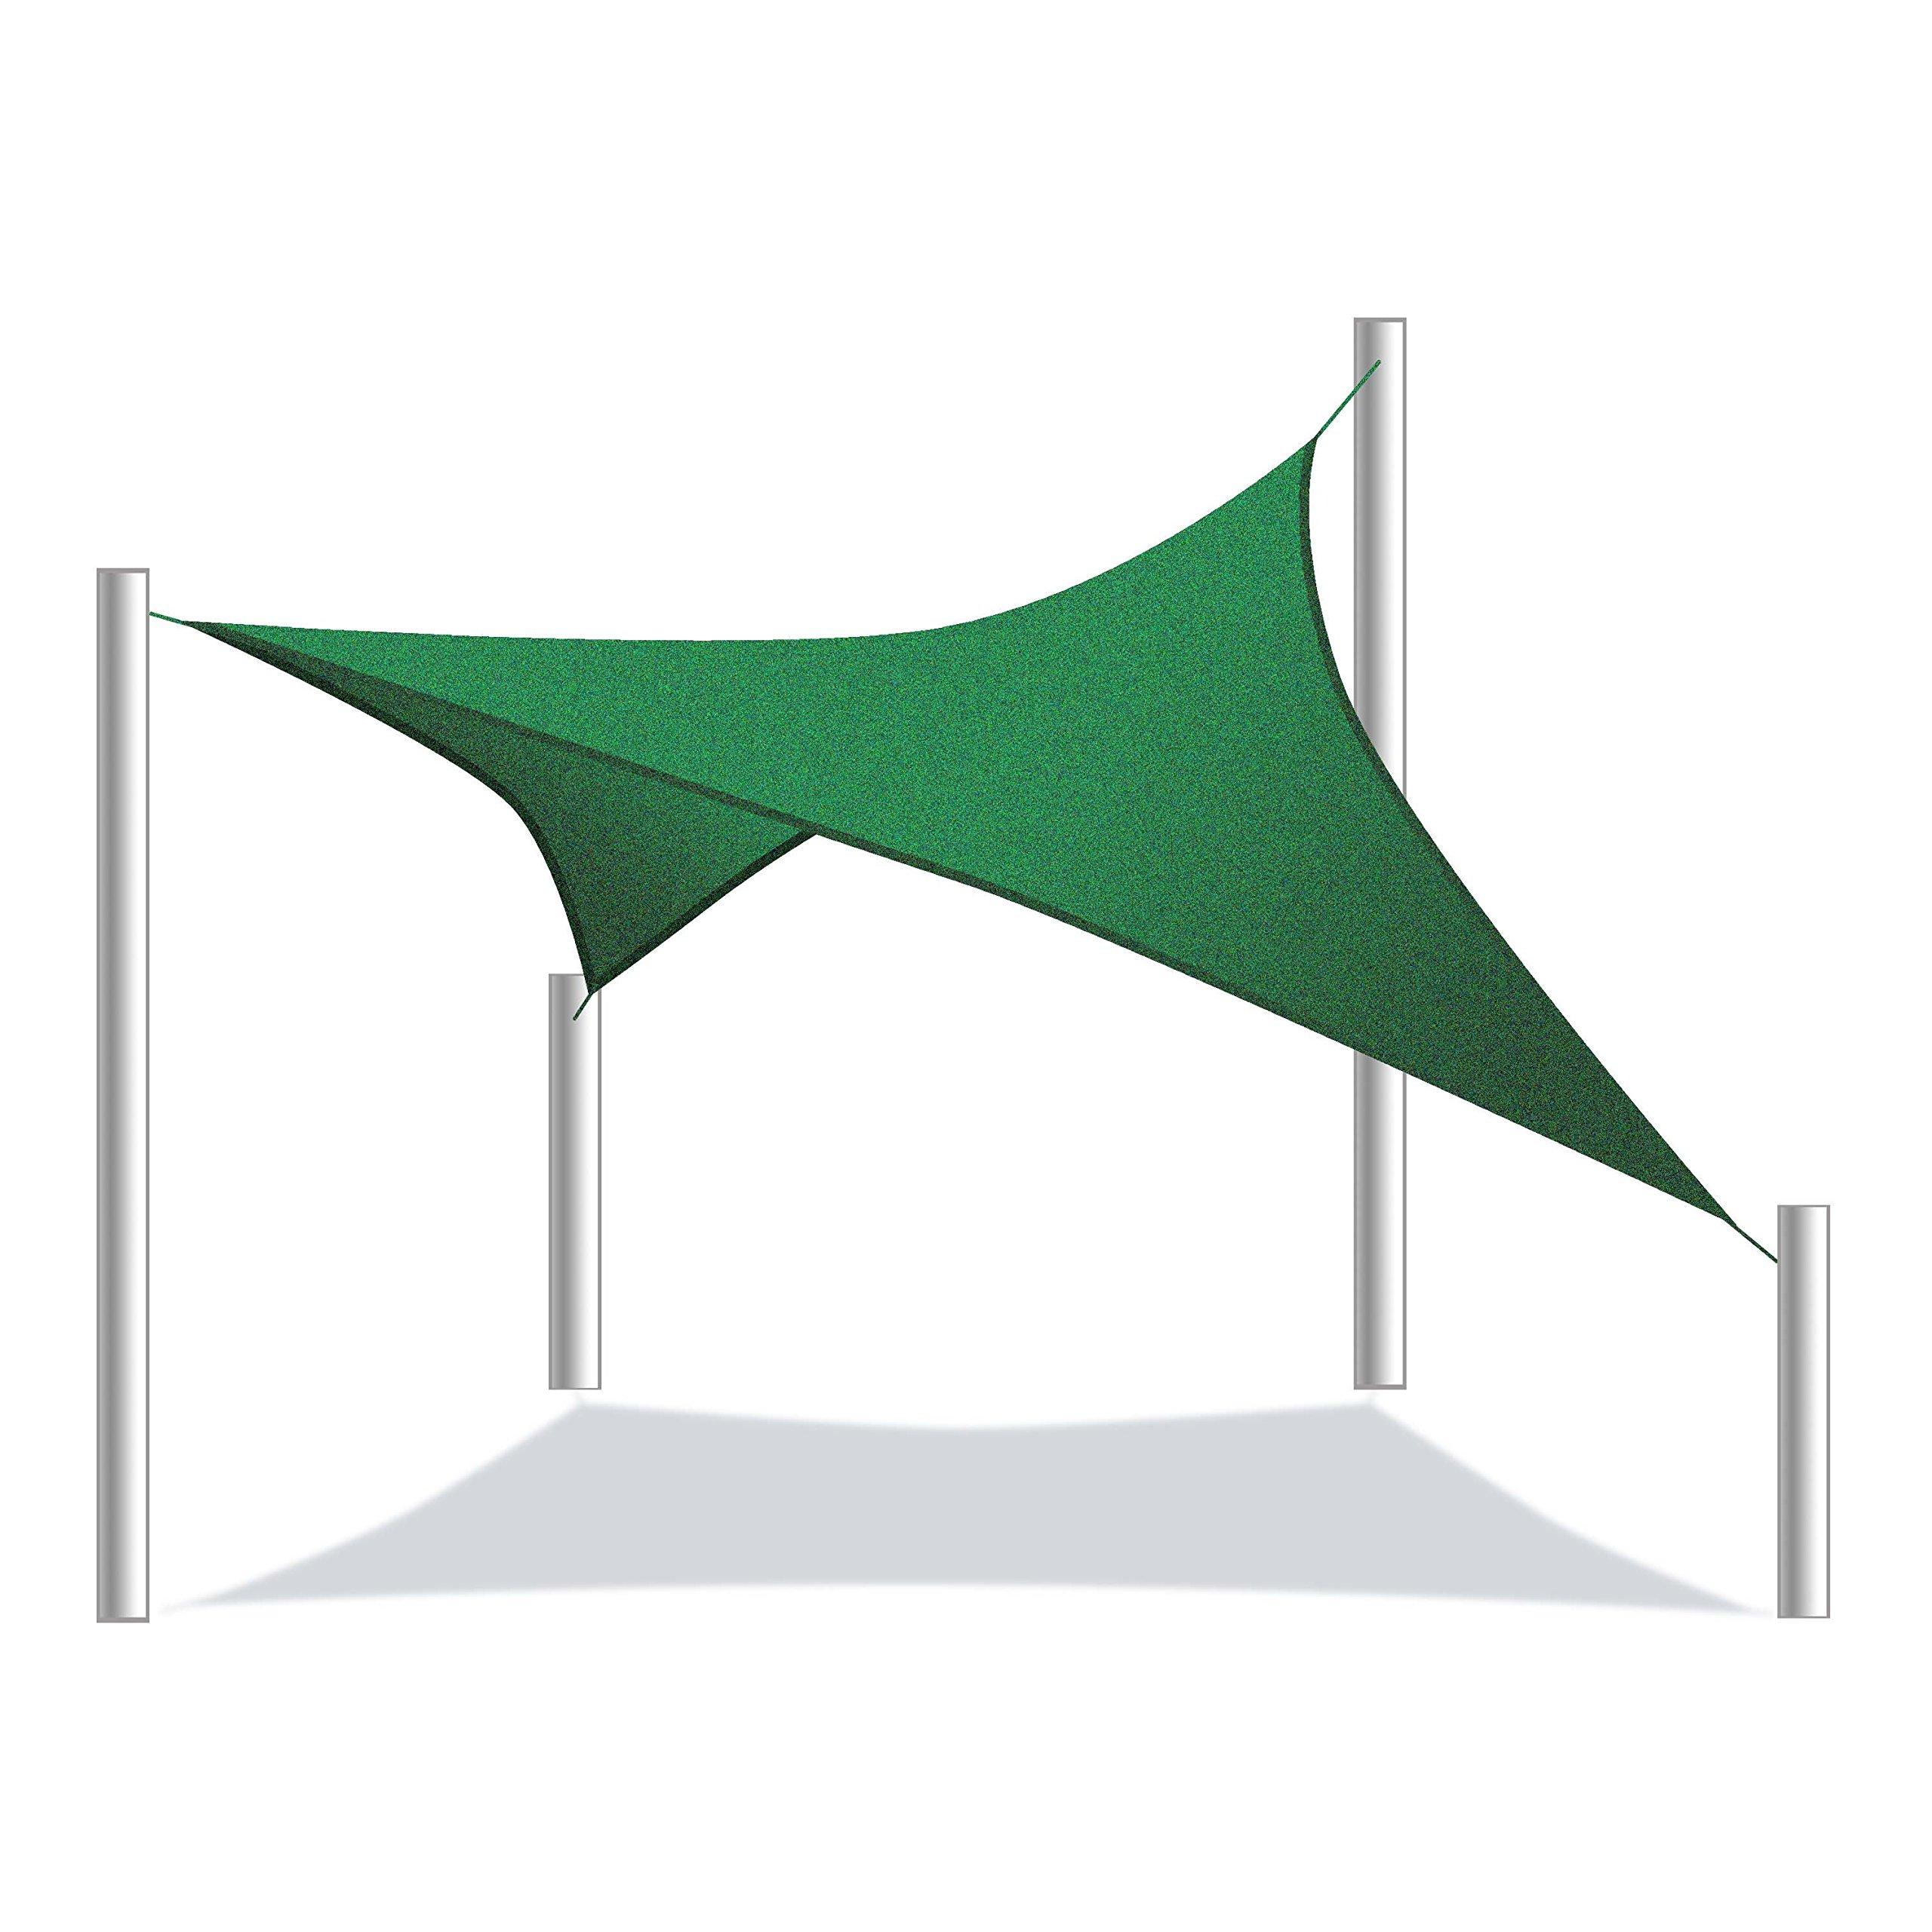 Aleko Rectángulo 3.96 x 3.05 Metros Resistente al Agua toldo toldo Tienda de Campaña de Repuesto Verde Color: Amazon.es: Jardín